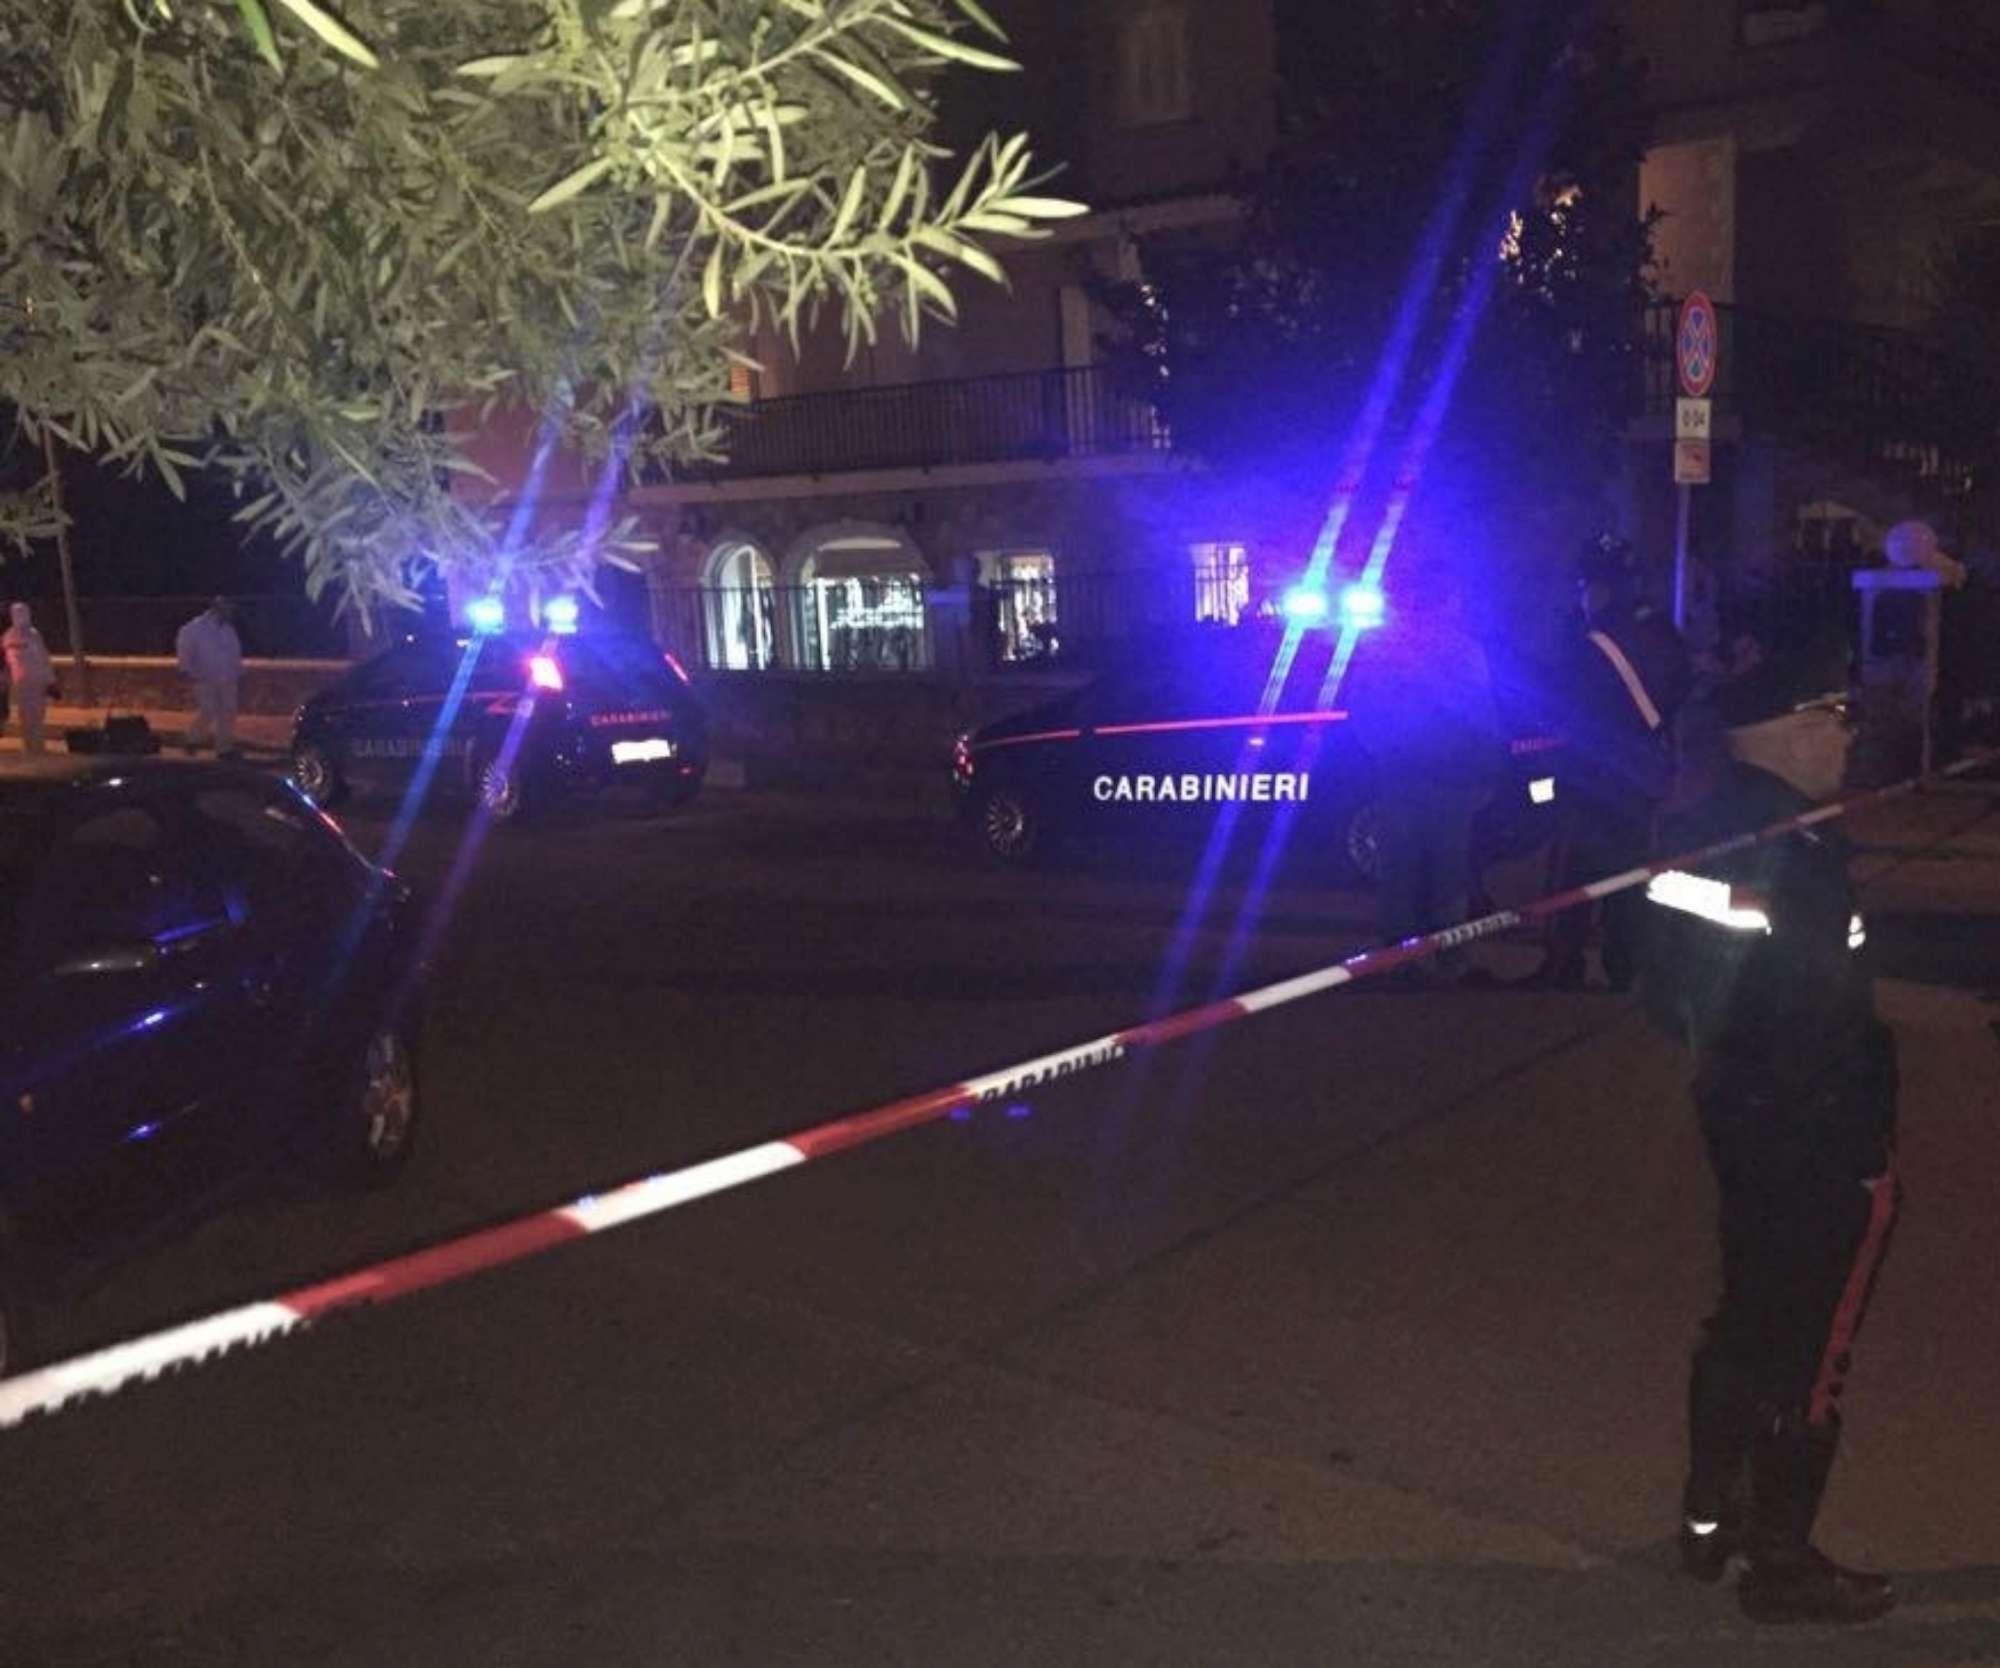 Cinese uccisa nel suo negozio in Sardegna